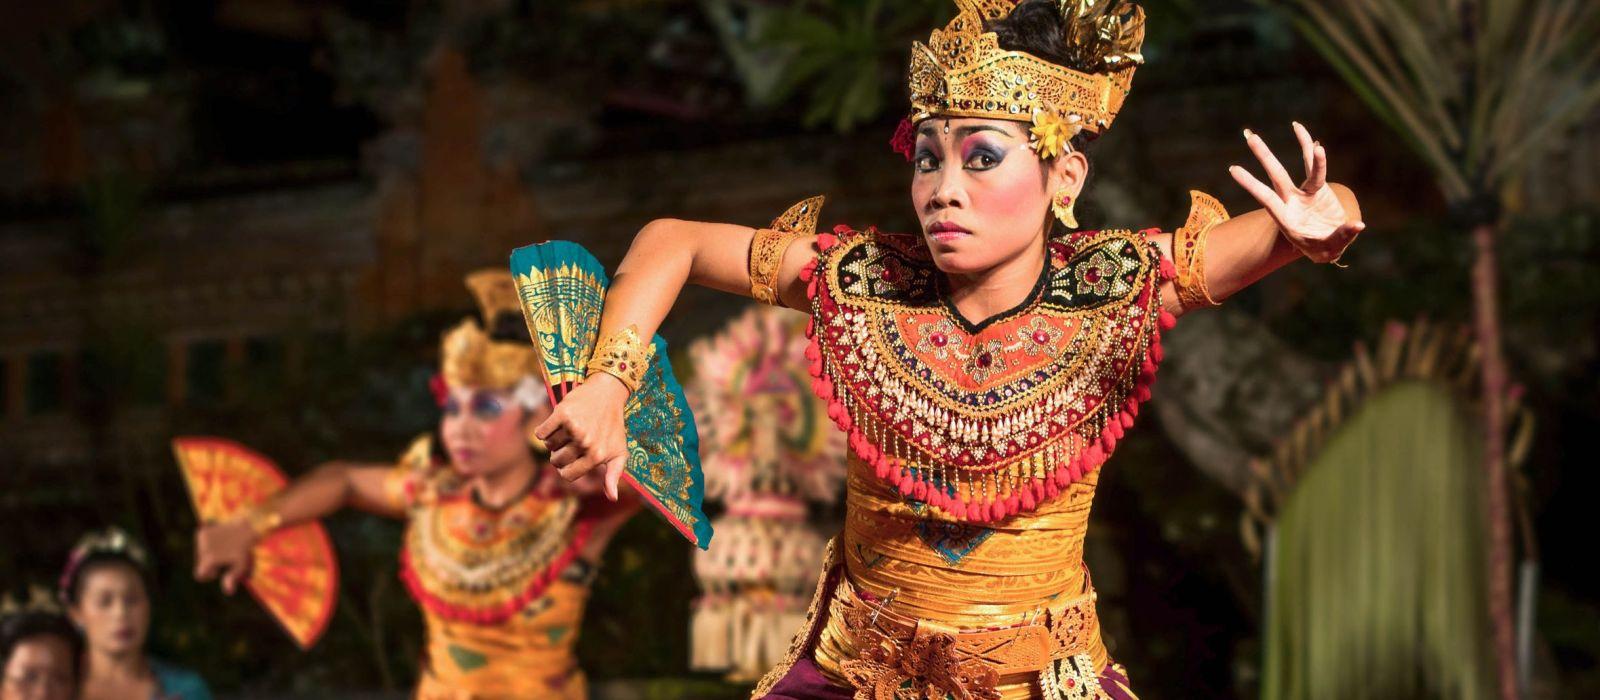 Indonesien: Von Insel zu Insel & Bali Urlaub 1